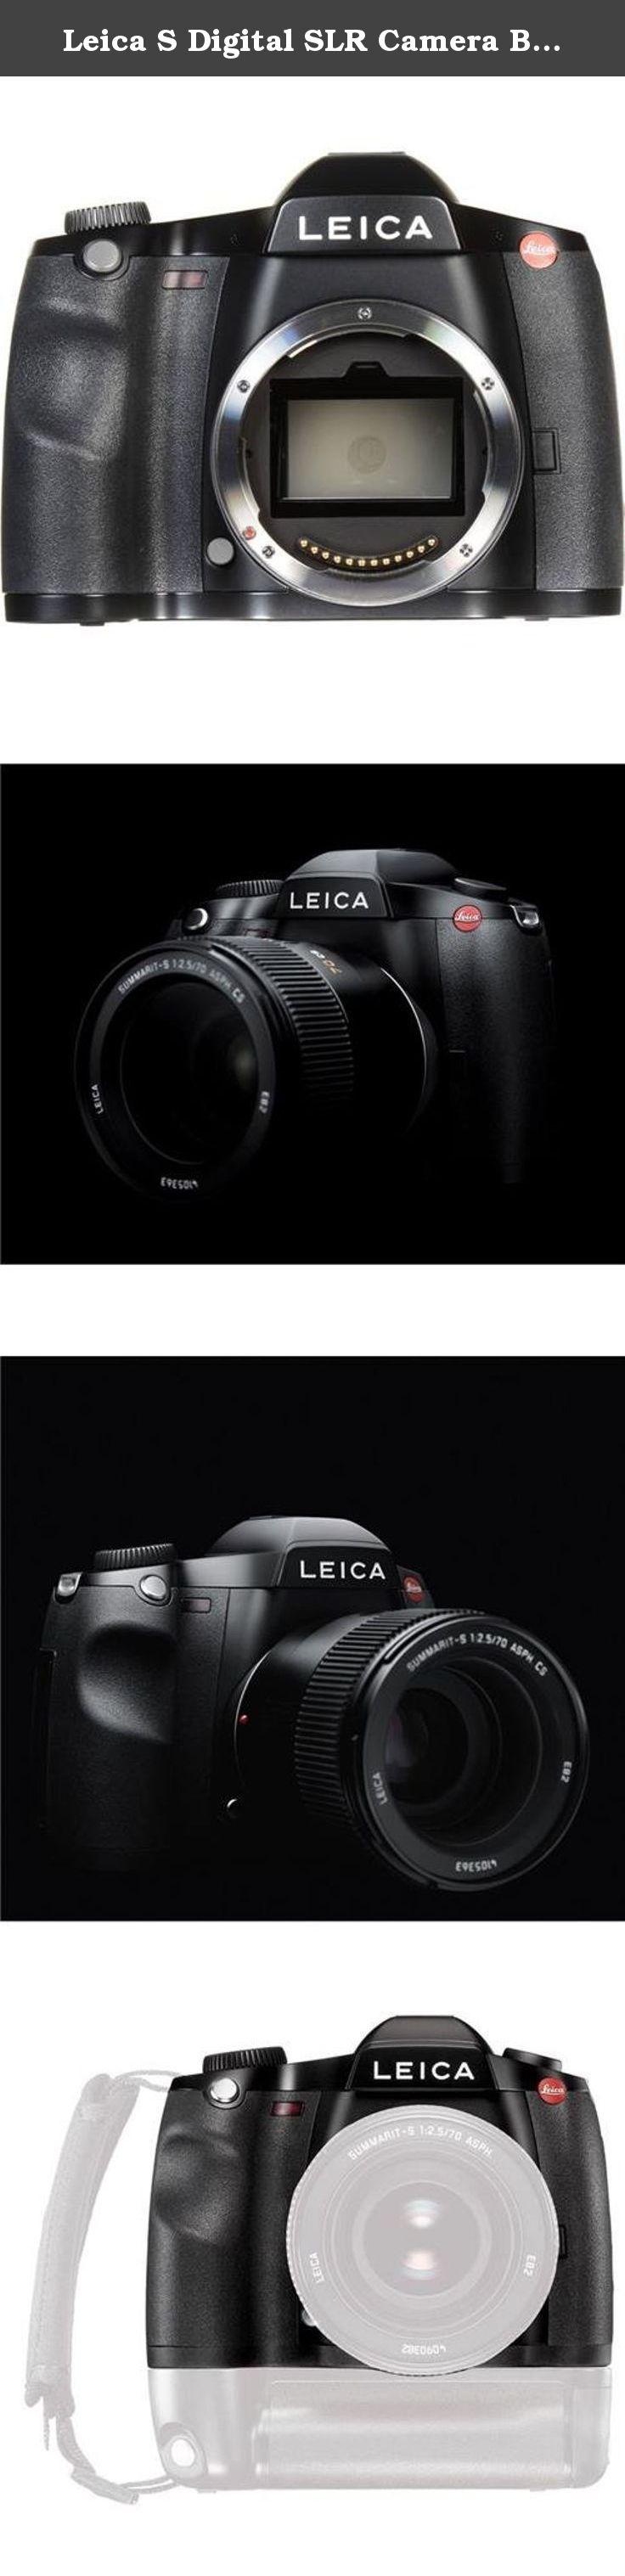 Leica S Digital Slr Camera Body Typ 007 The Leica S Digital Slr Camera Body The Fastest Medium Format Digital Camer Increase Image Digital Slr Camera Leica